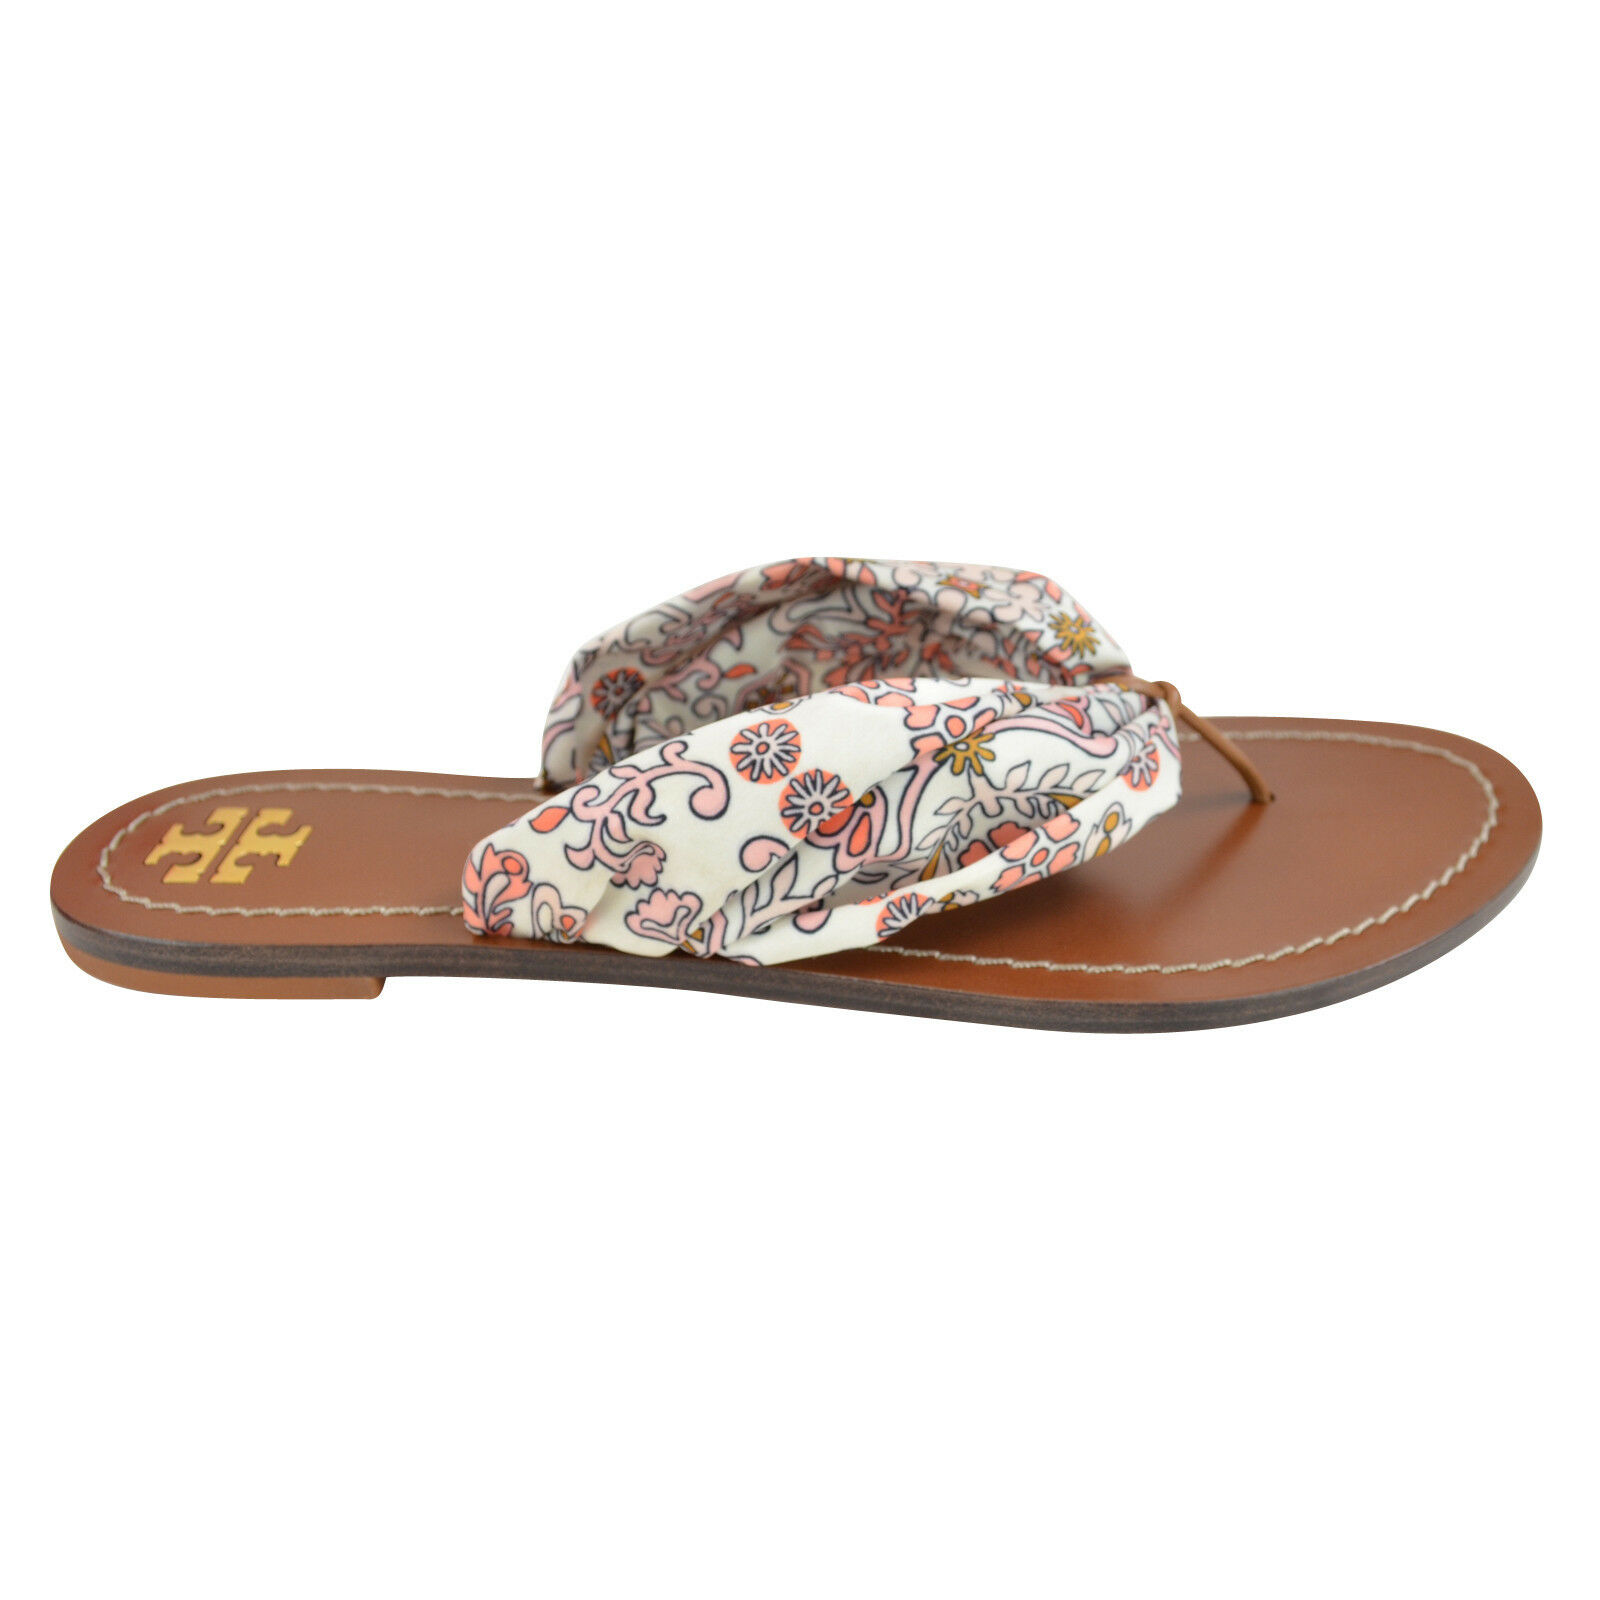 NEW Tory Burch Hicks Garden Carson Scarf Flip Flops Flops Flops Thong Sandals 6-9 bb99db